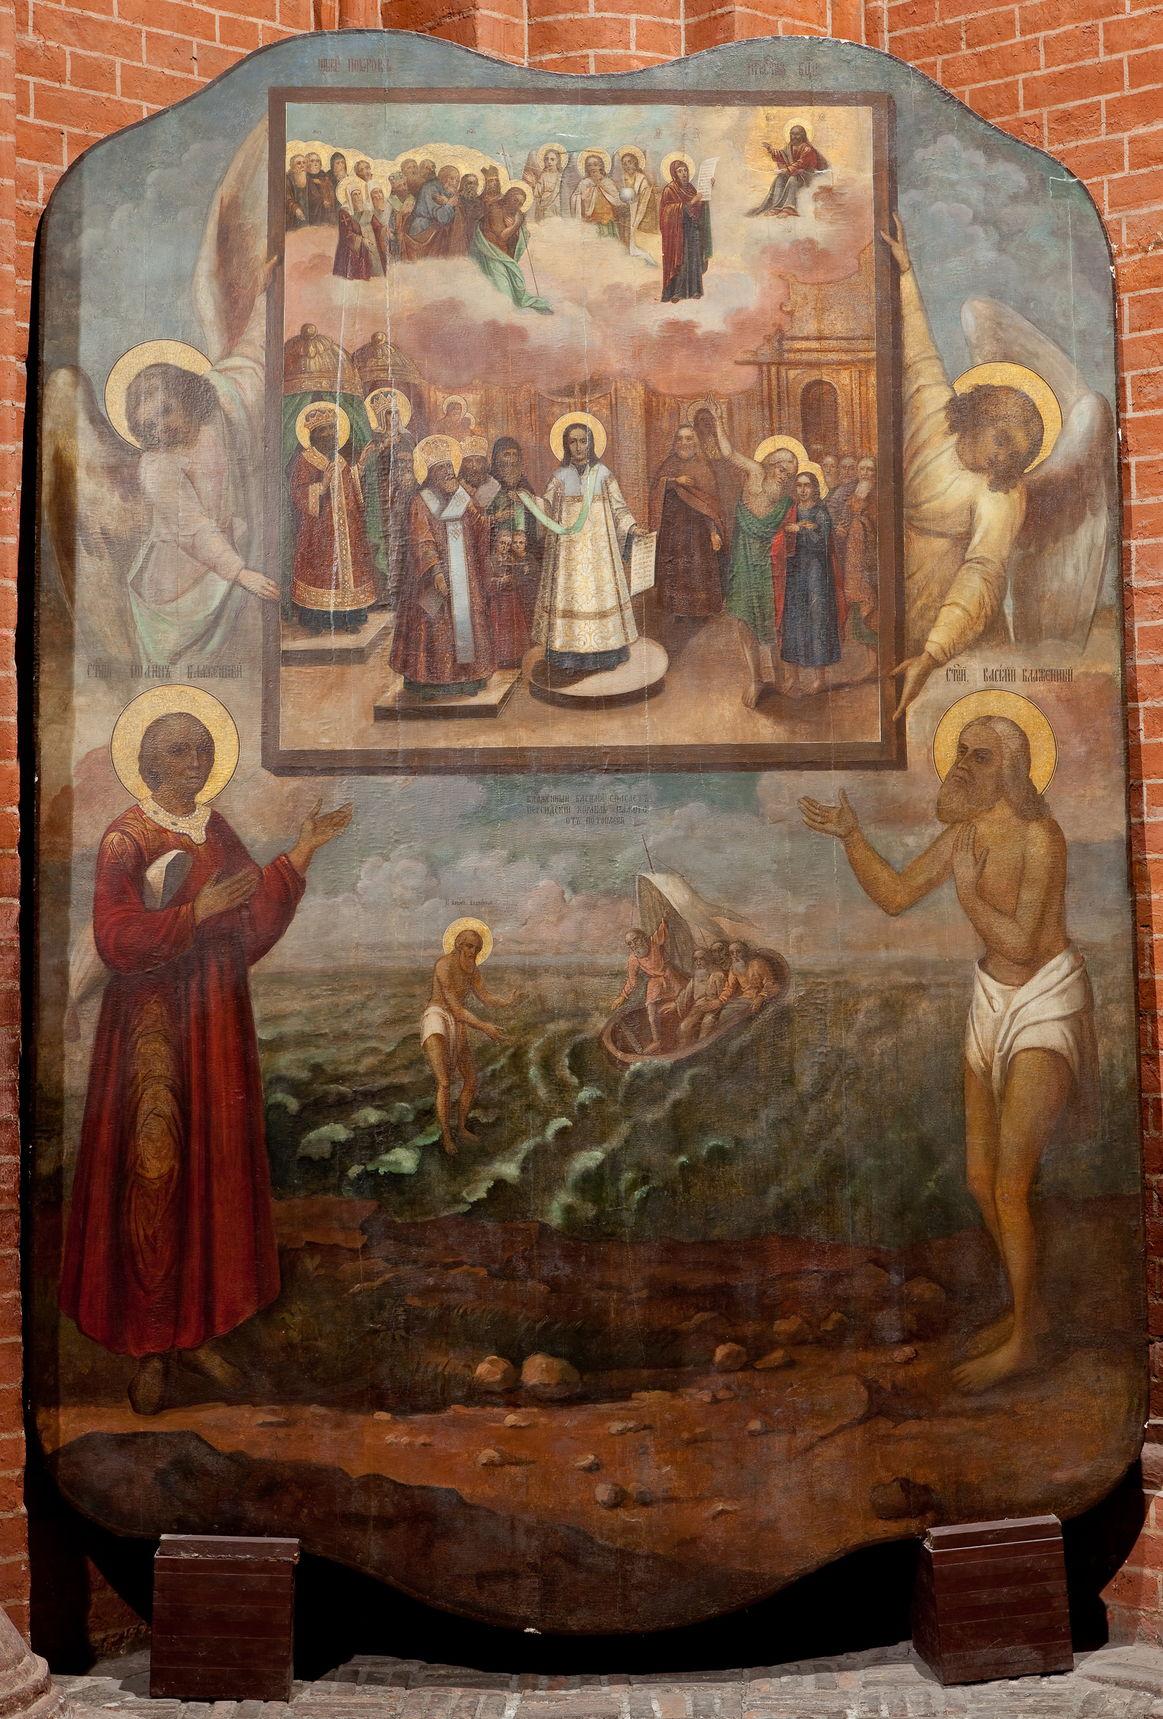 Икона «Покров Пресвятой Богородицы с предстоящими Василием и Иоанном Блаженными». XVIIIв.